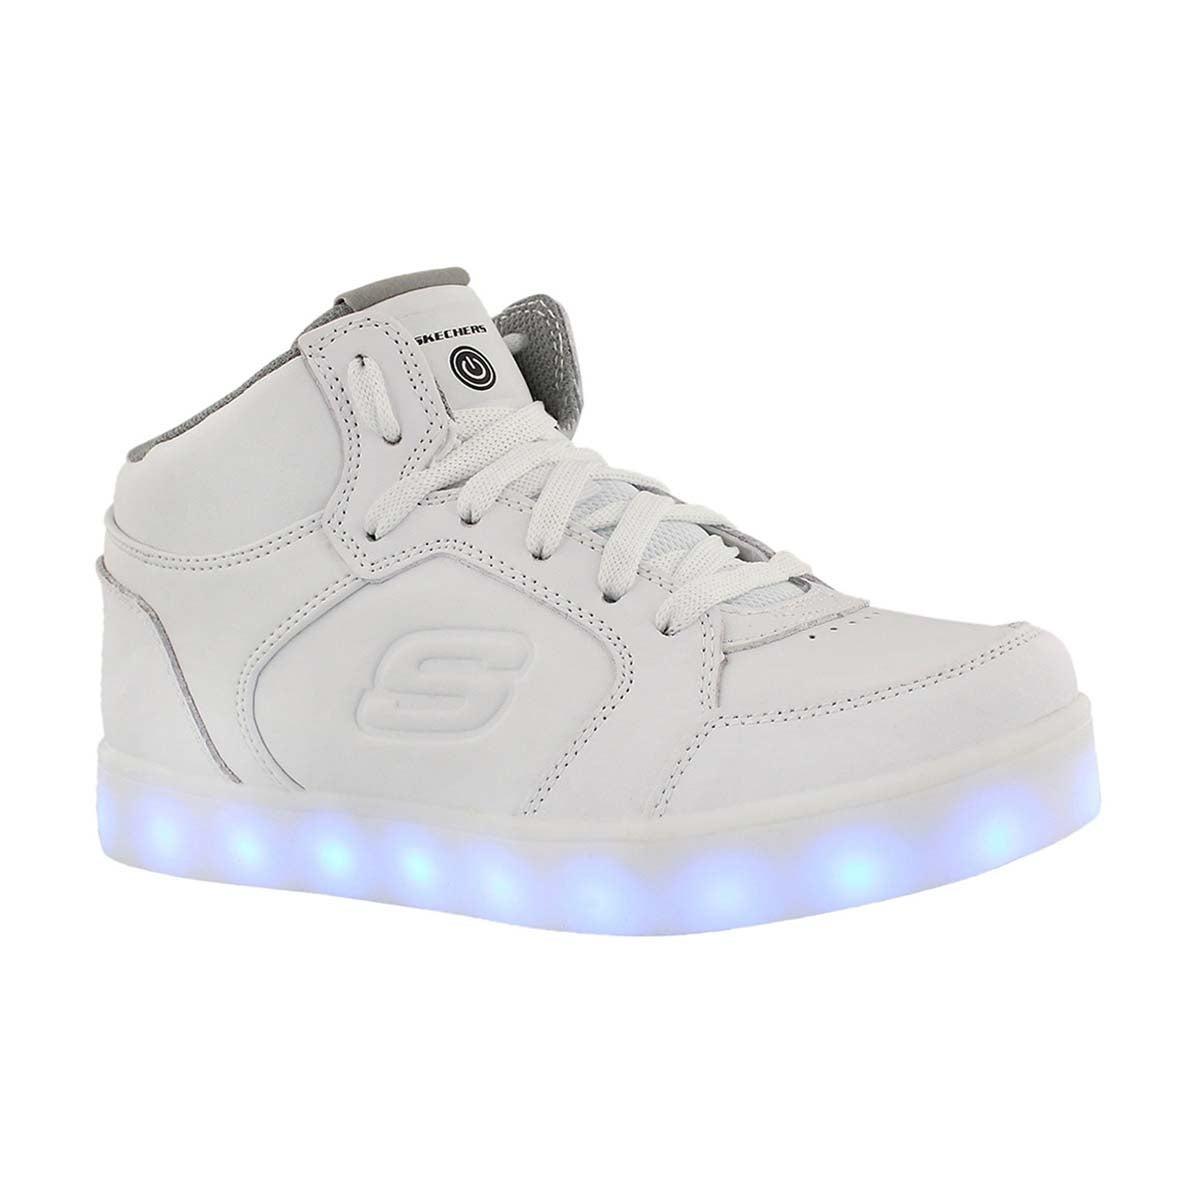 Kids' ENERGY LIGHTS light up white sneakers